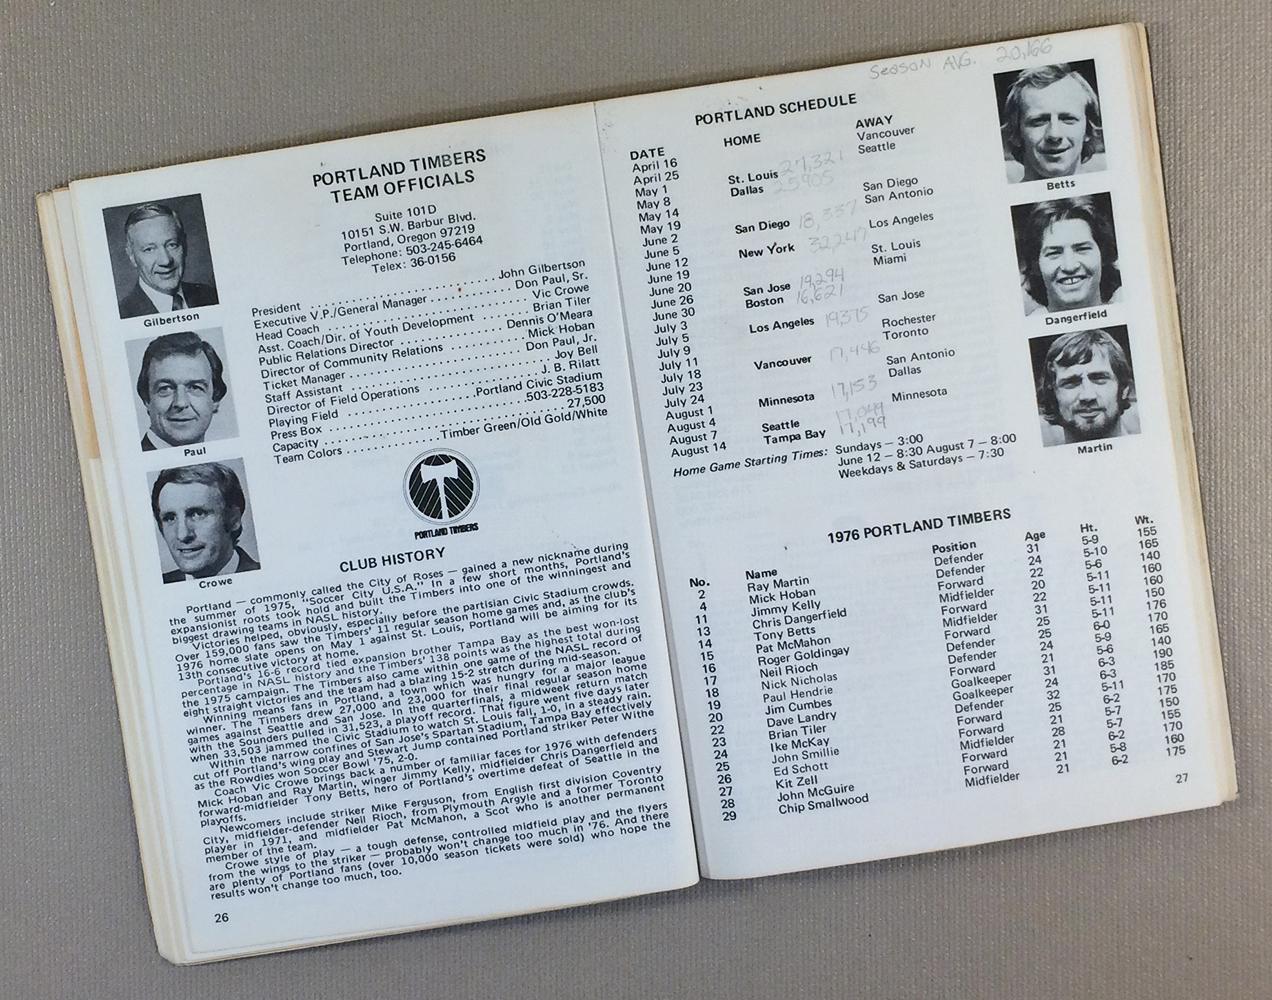 soccer_nasl_1976_media_guide_D.jpg